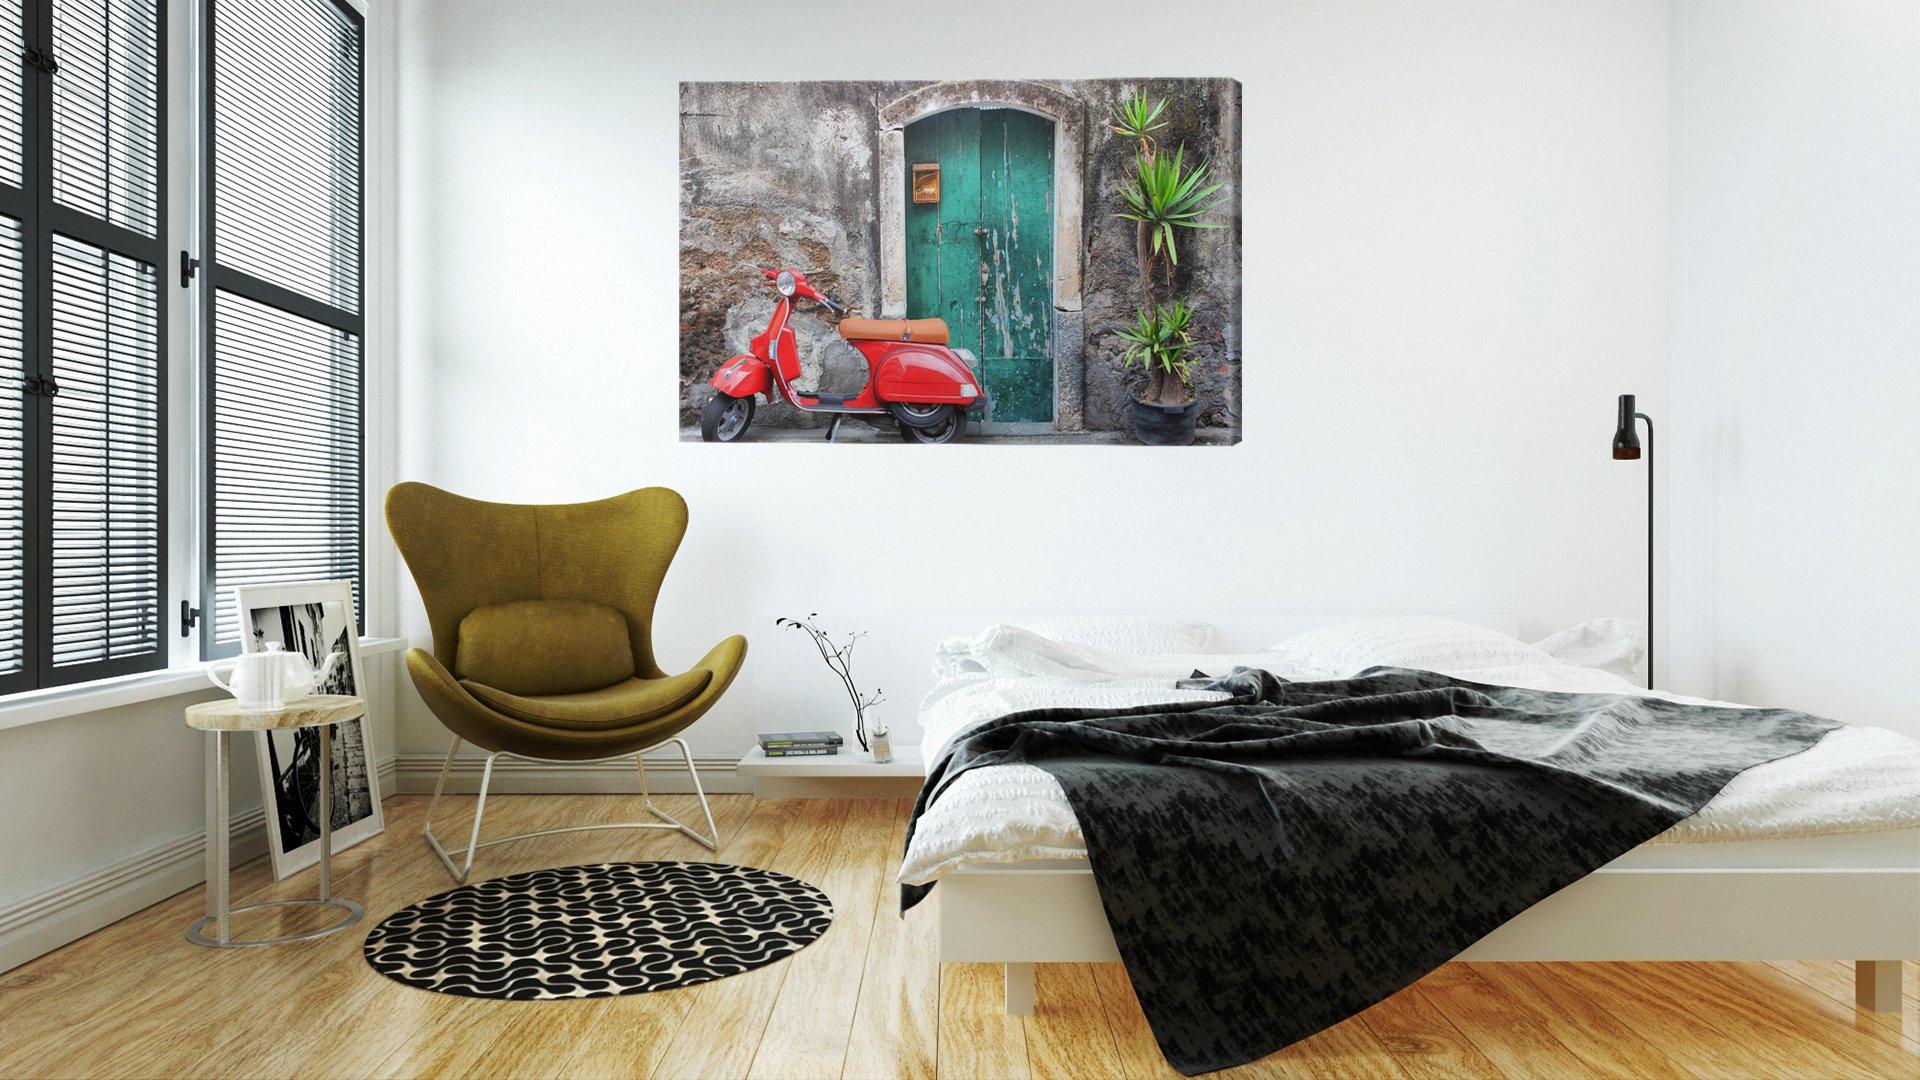 tableaux-sur-toile-themes-categorie-virtuelle-scooter-rouge